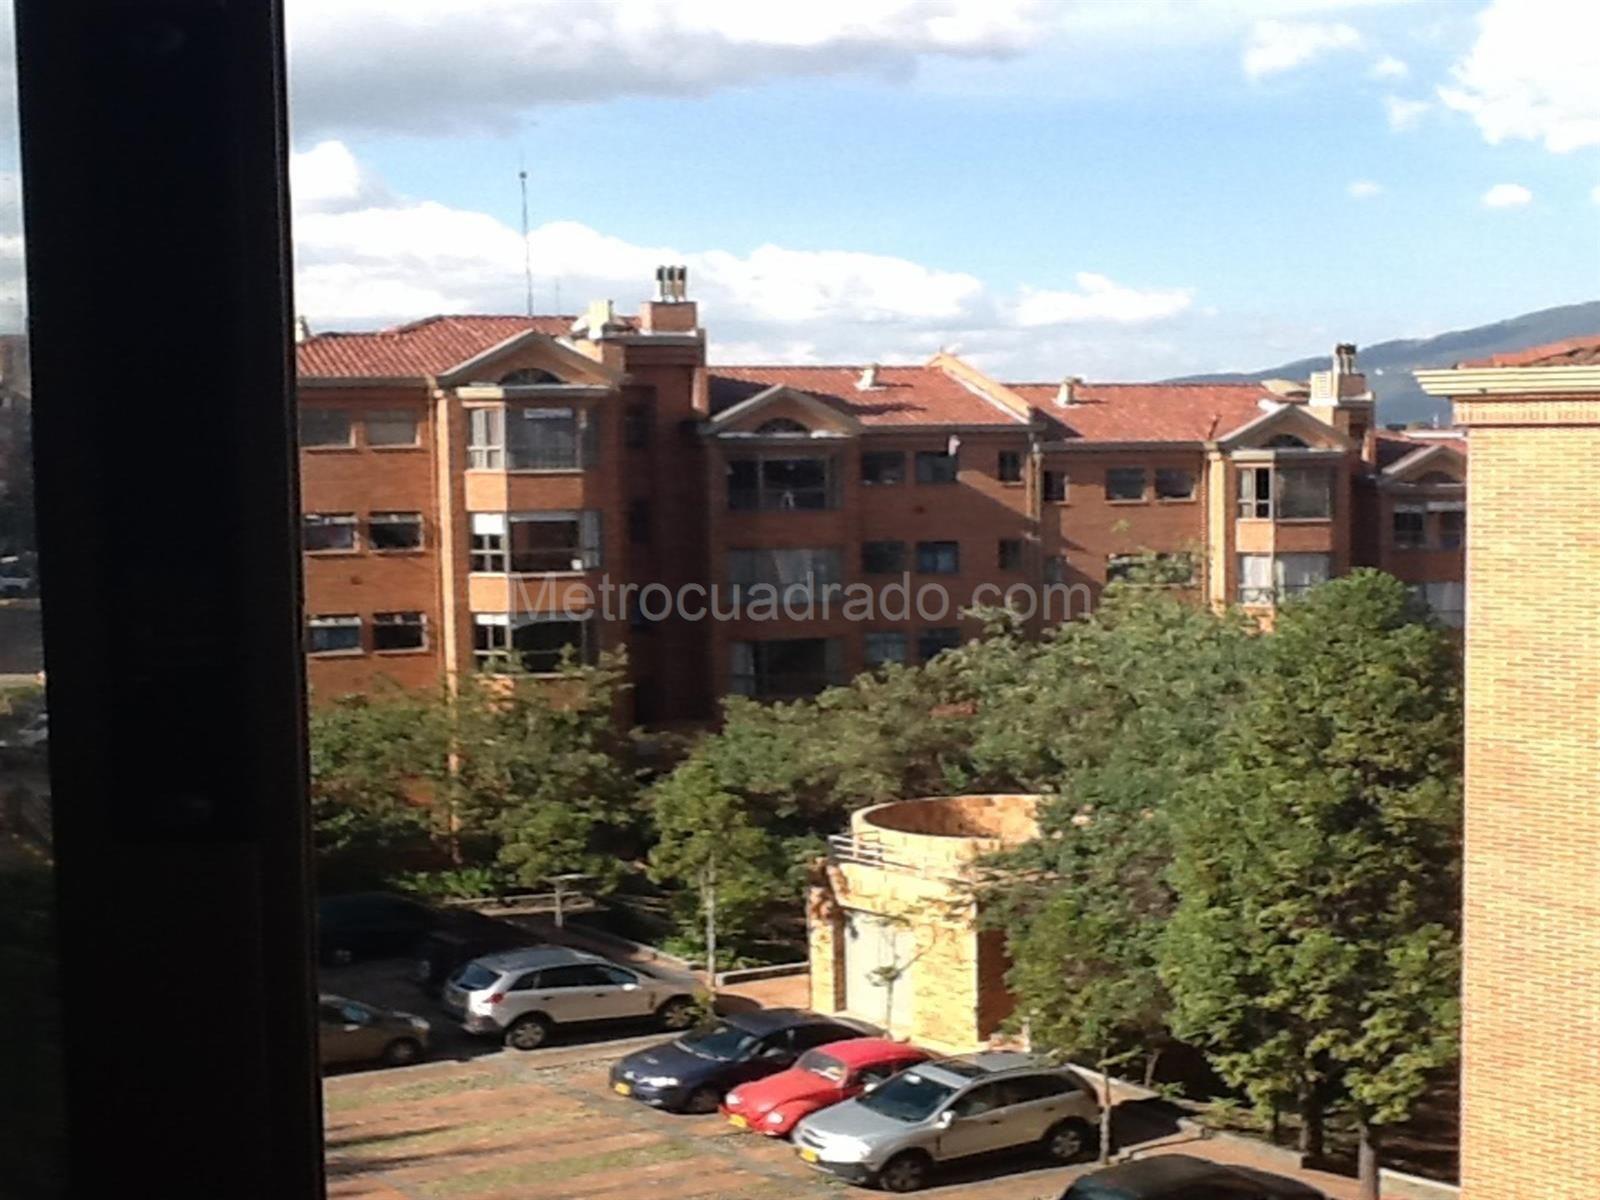 Venta de Apartamento en Colina Delmonte Bogotá D.C